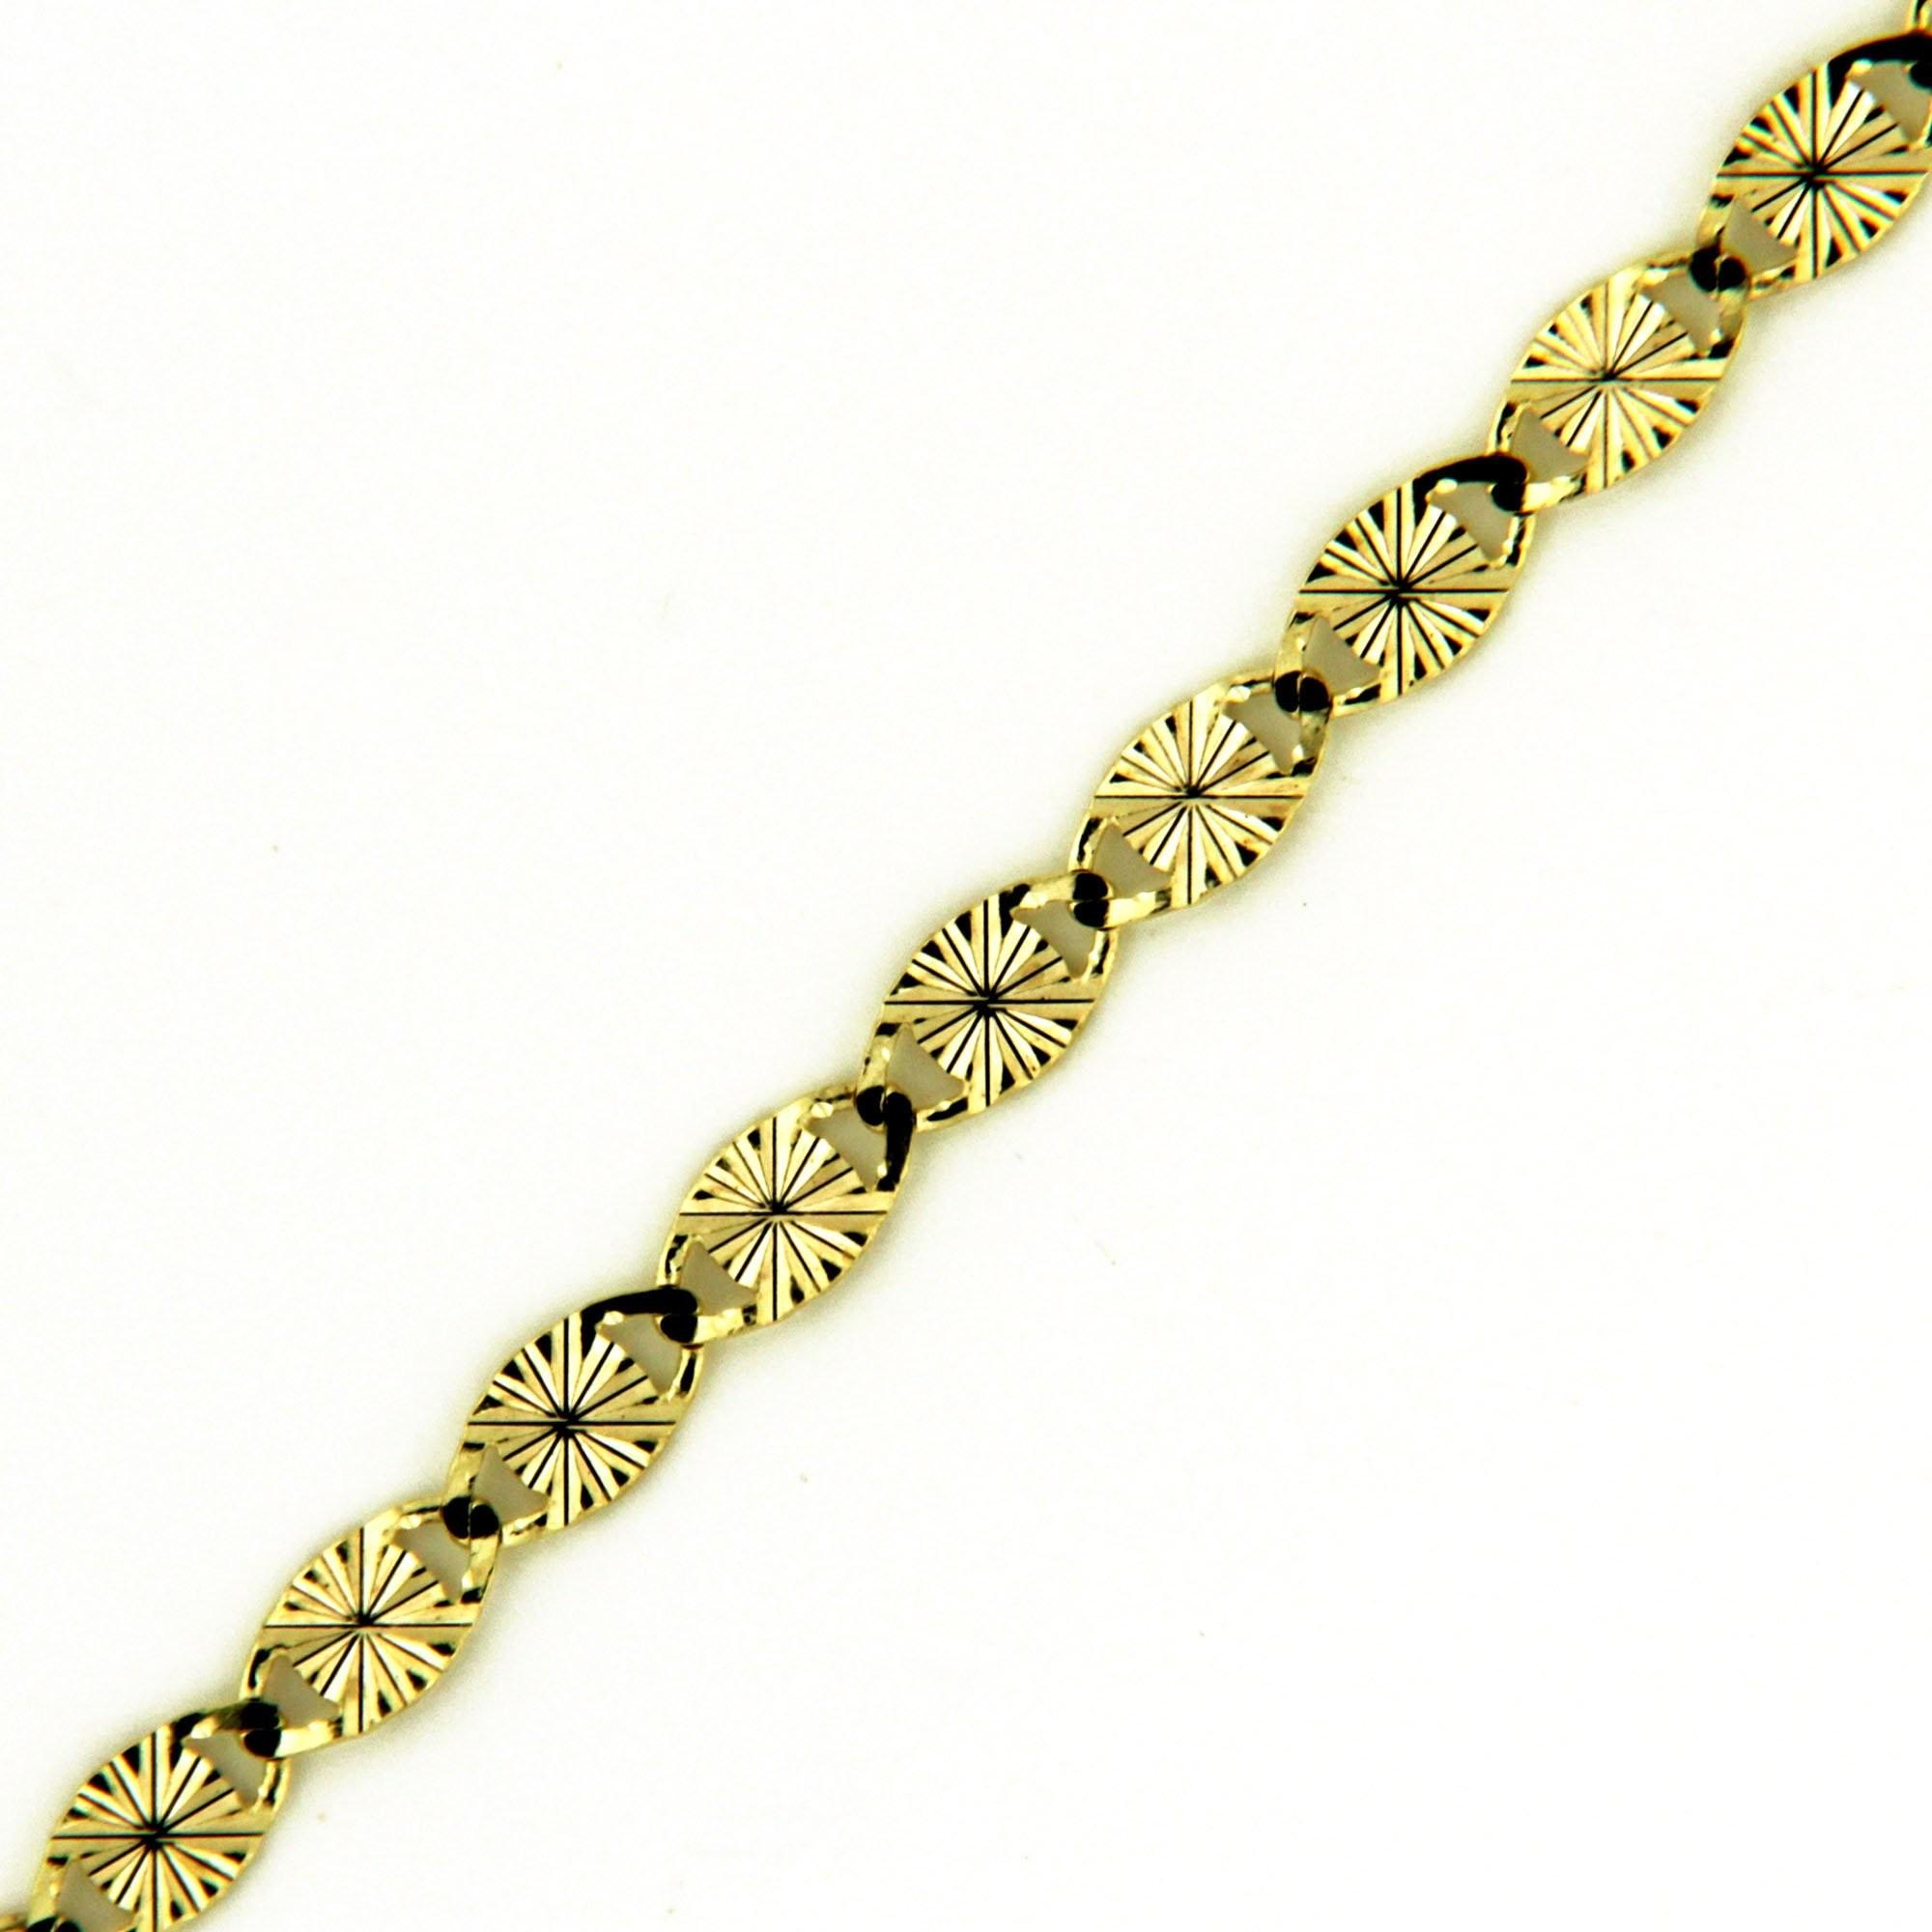 Zlatý řetízek 17308